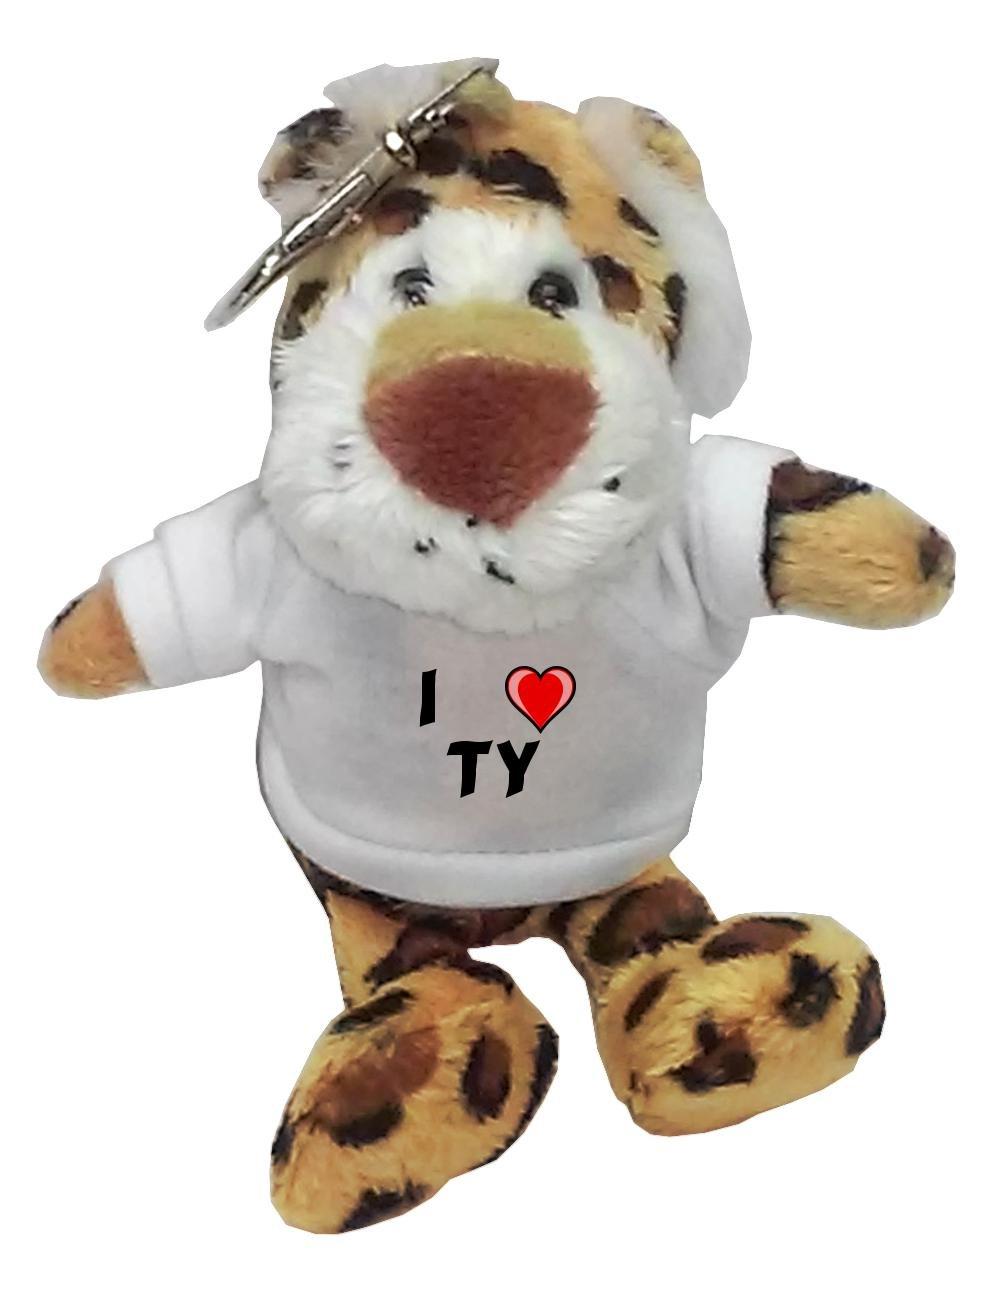 Leopardo de peluche (llavero) con Amo Ty en la camiseta (nombre de pila/apellido/apodo): Amazon.es: Juguetes y juegos